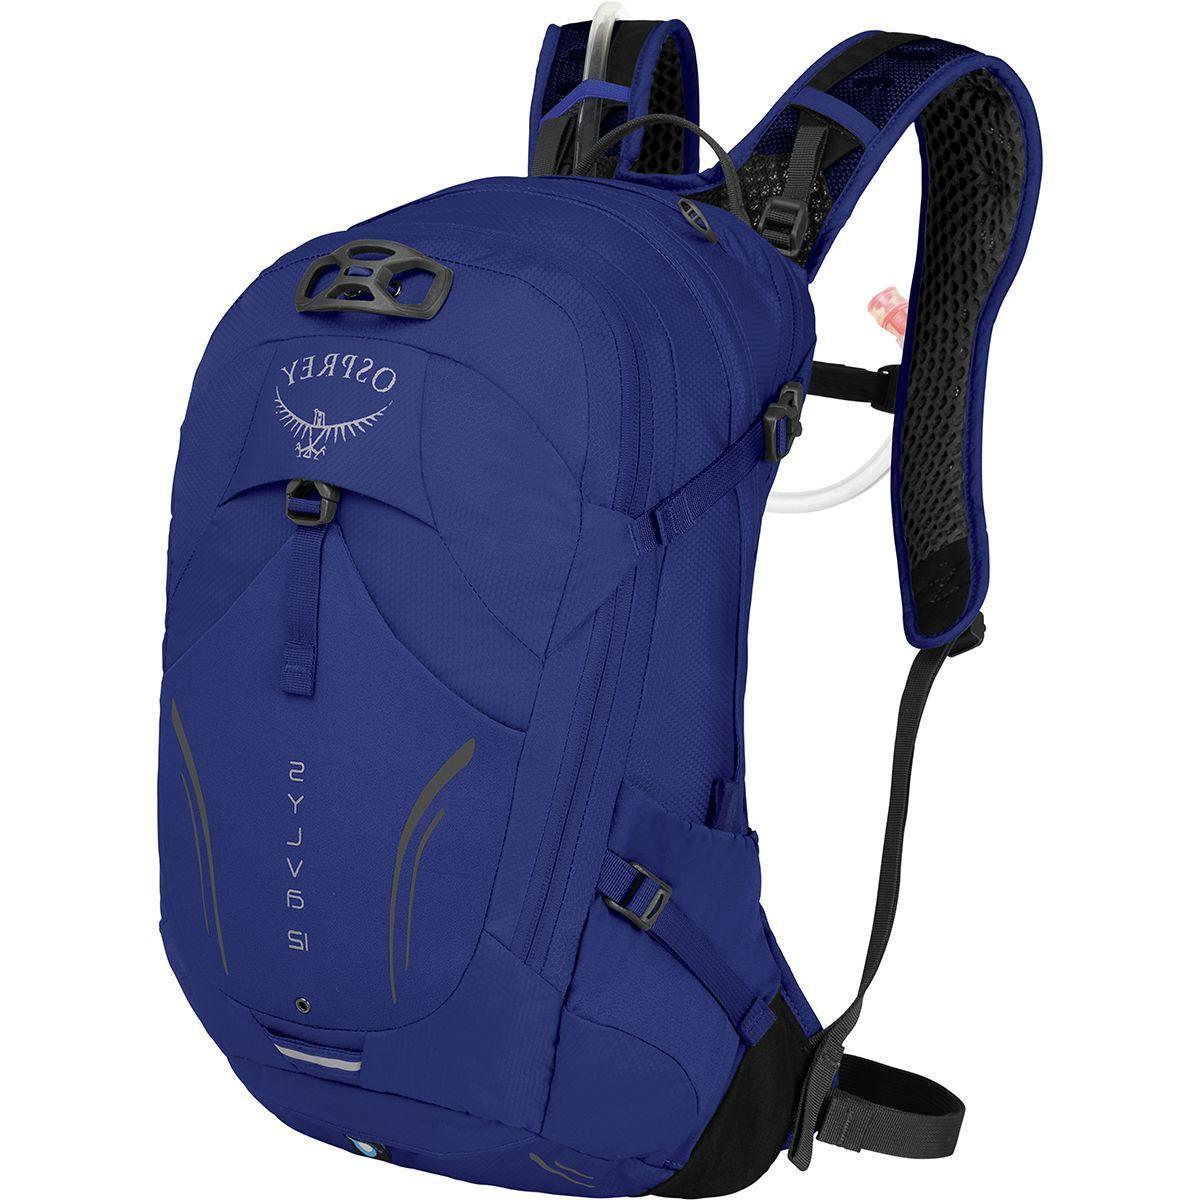 Osprey Packs Sylva 12L Backpack - Women's